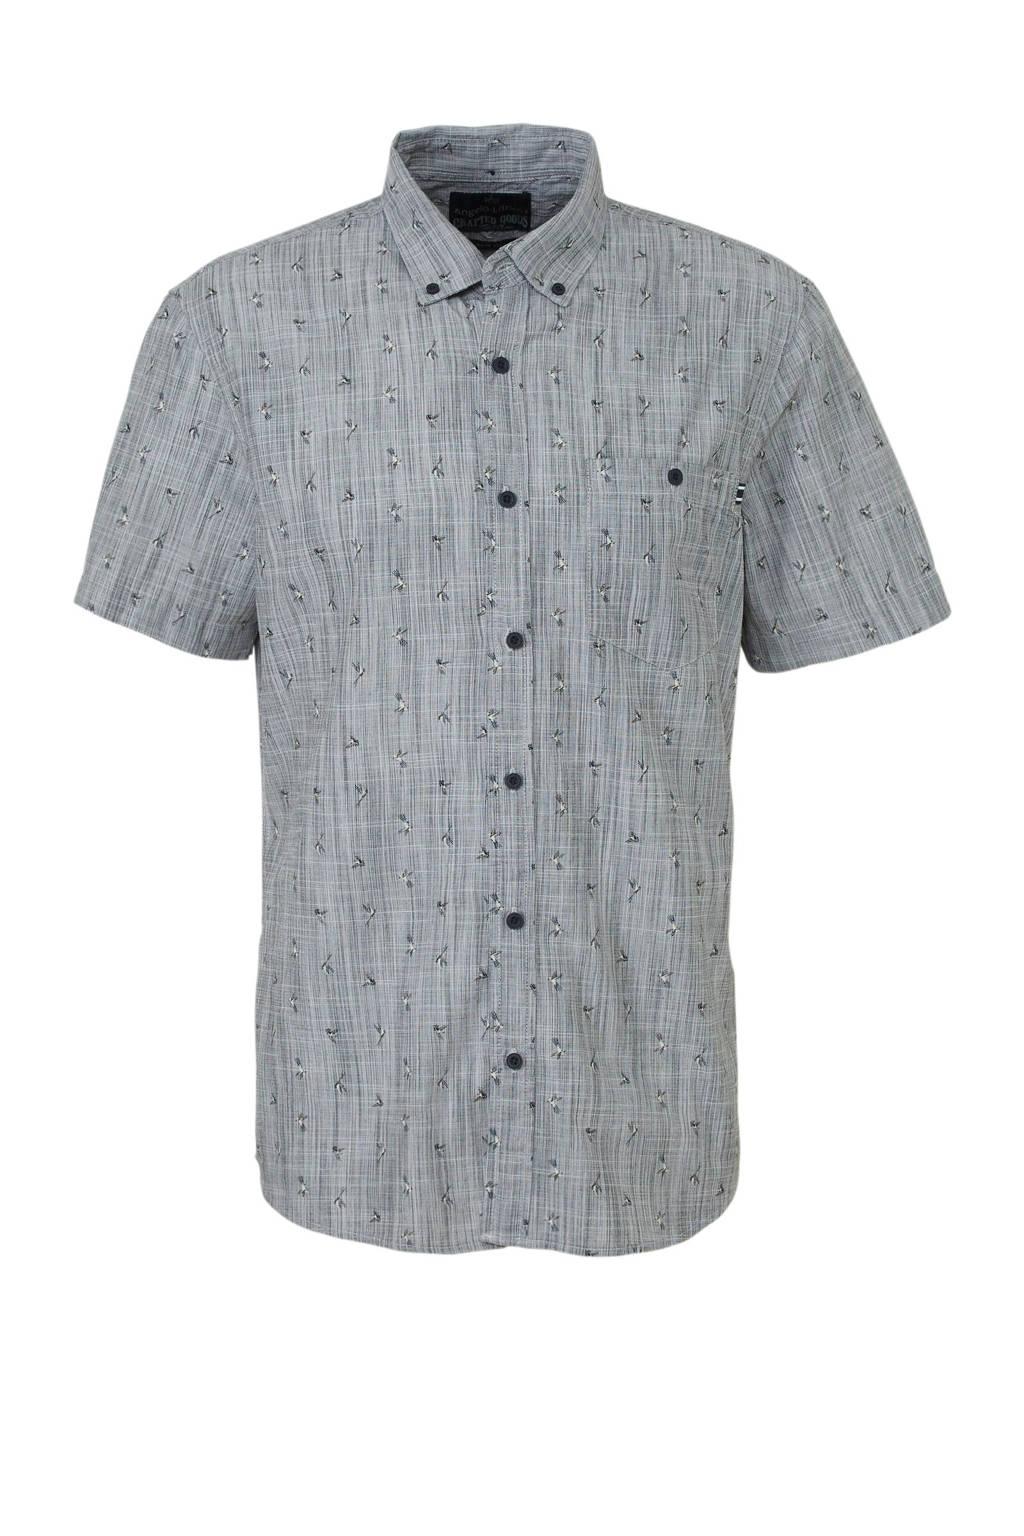 C&A Angelo Litrico regular fit overhemd met biologisch katoen grijs, Grijs